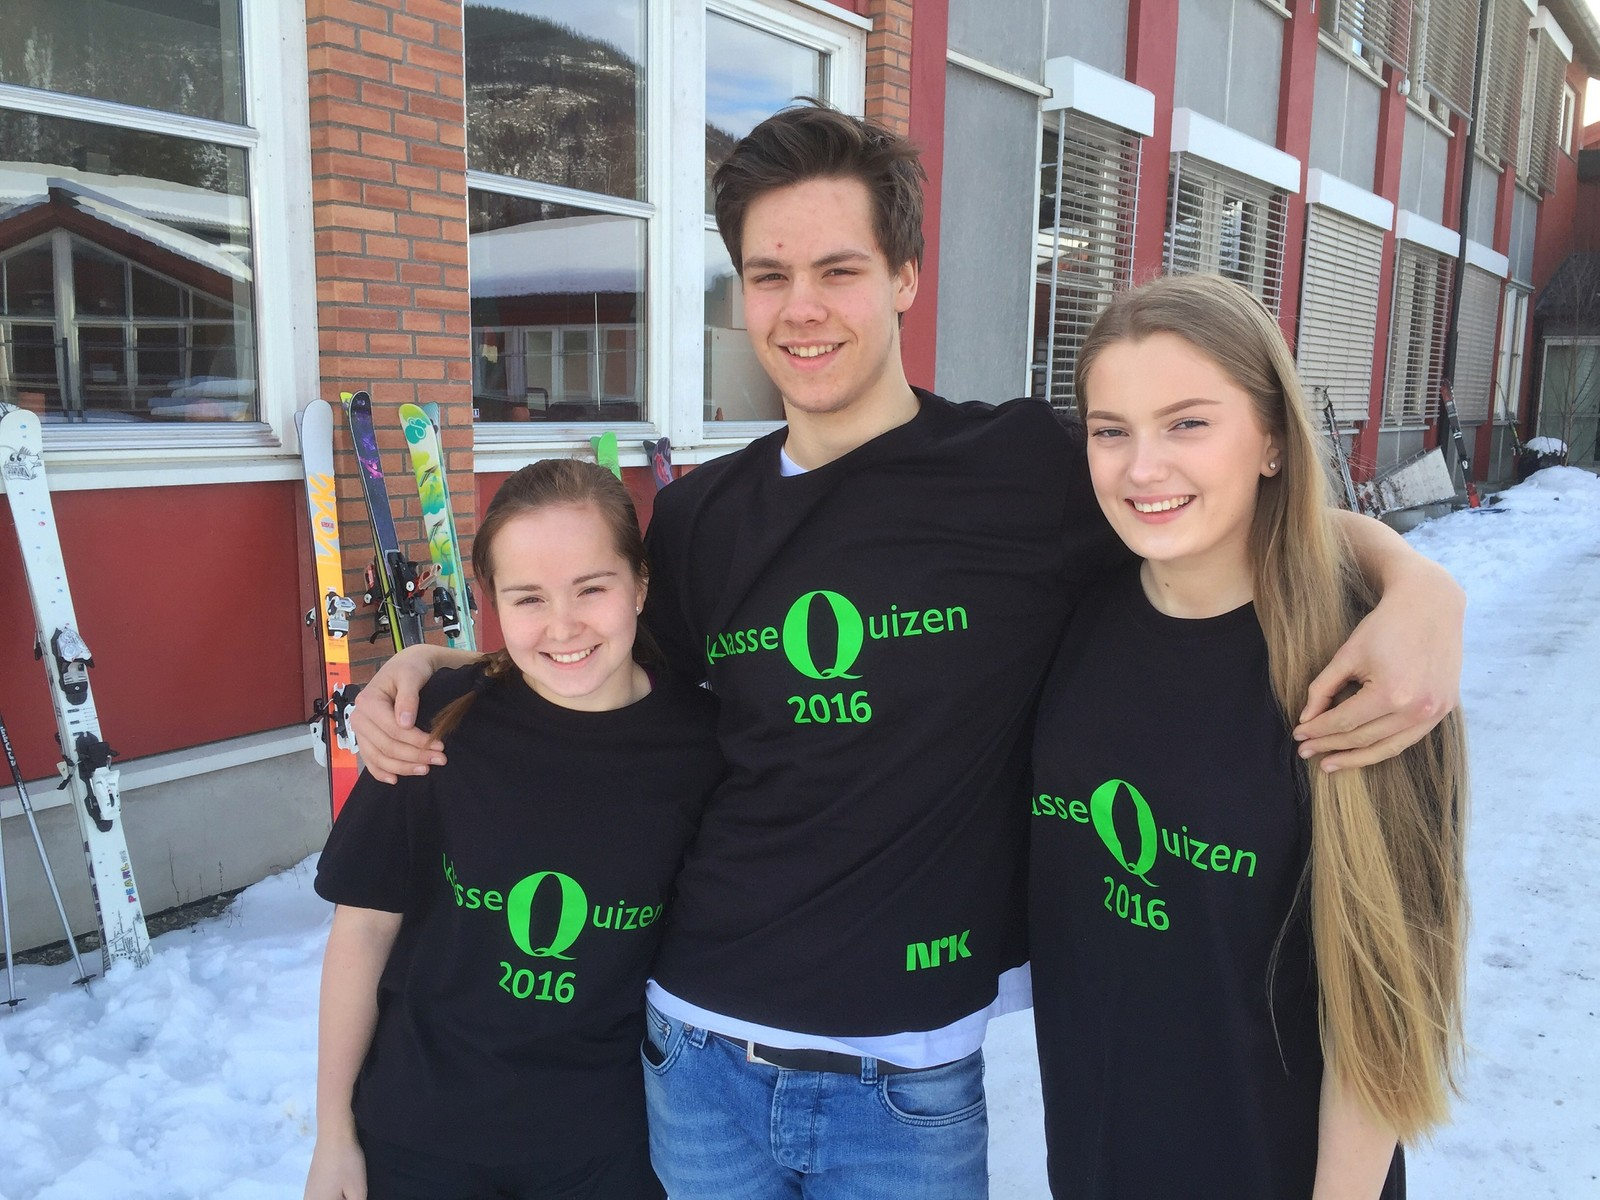 Eline Kvam, Martin Flatemo og Tina Stensrud ved Øyer ungdomsskole fikk 11. poeng og deler dermed andreplassen med Lom ungdomsskule.